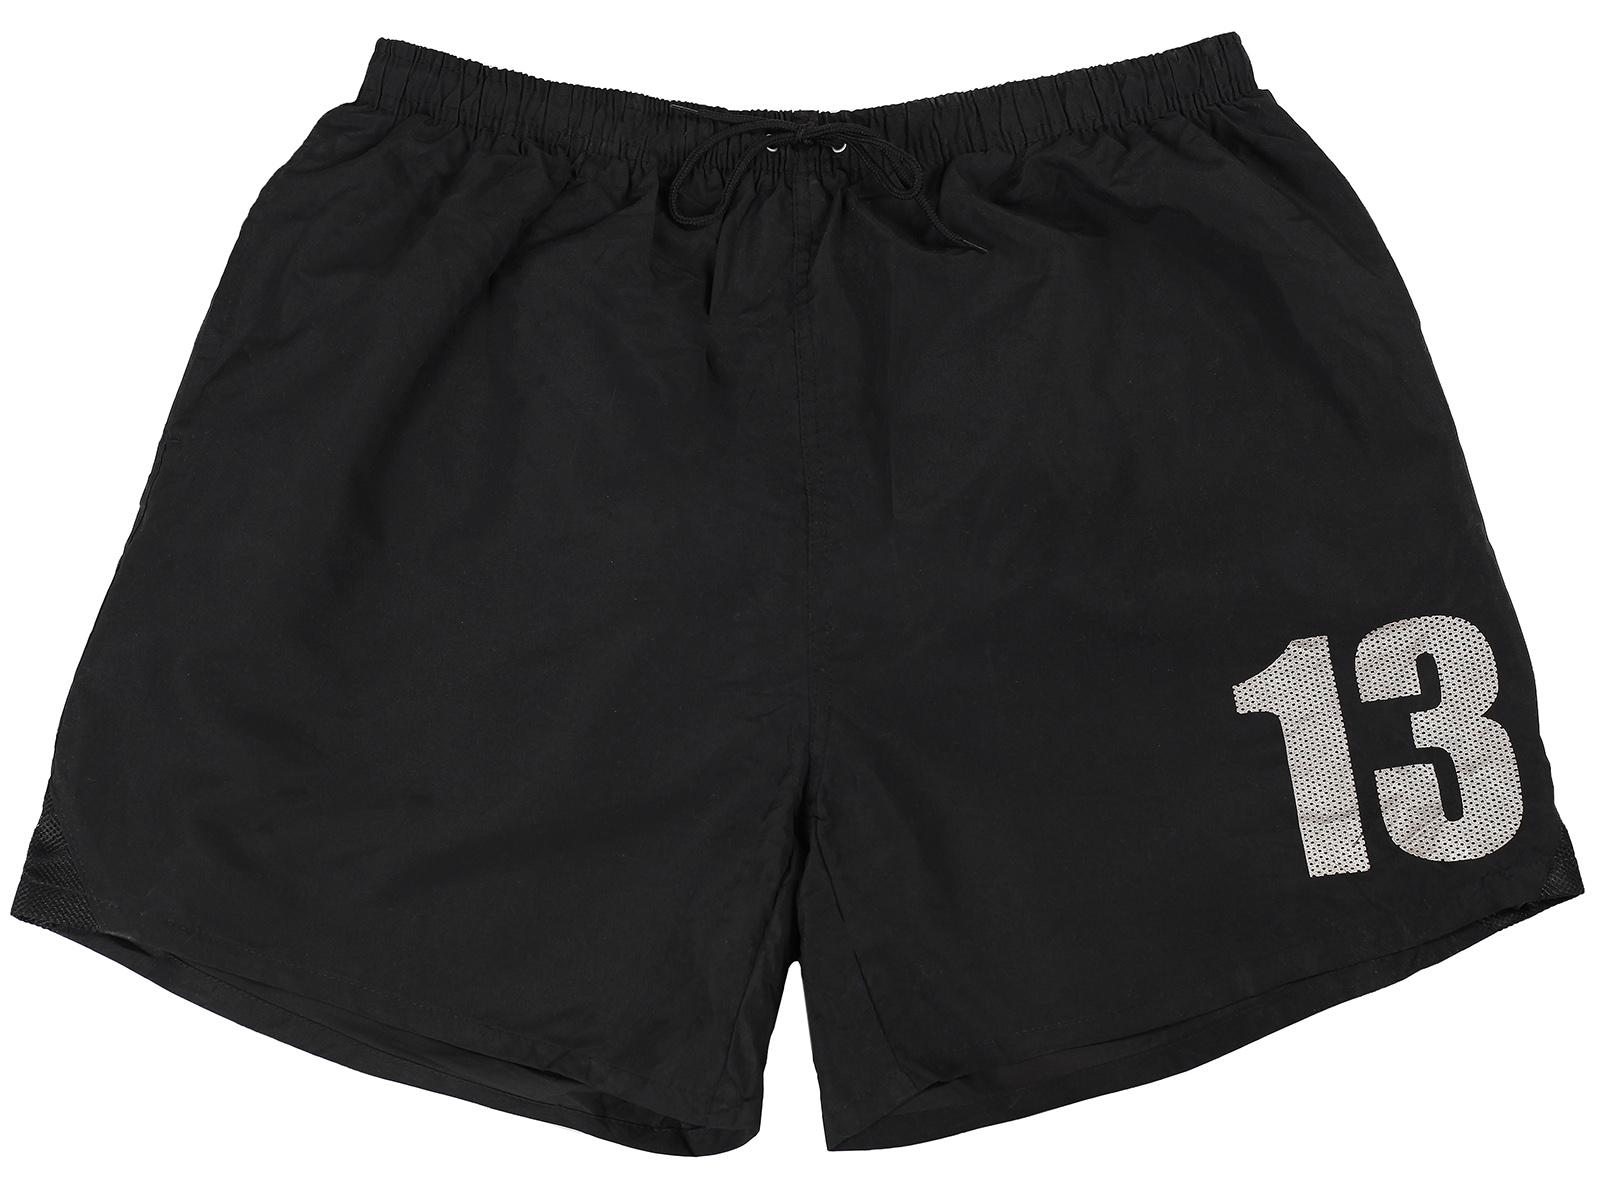 Эксклюзивные шорты Identic